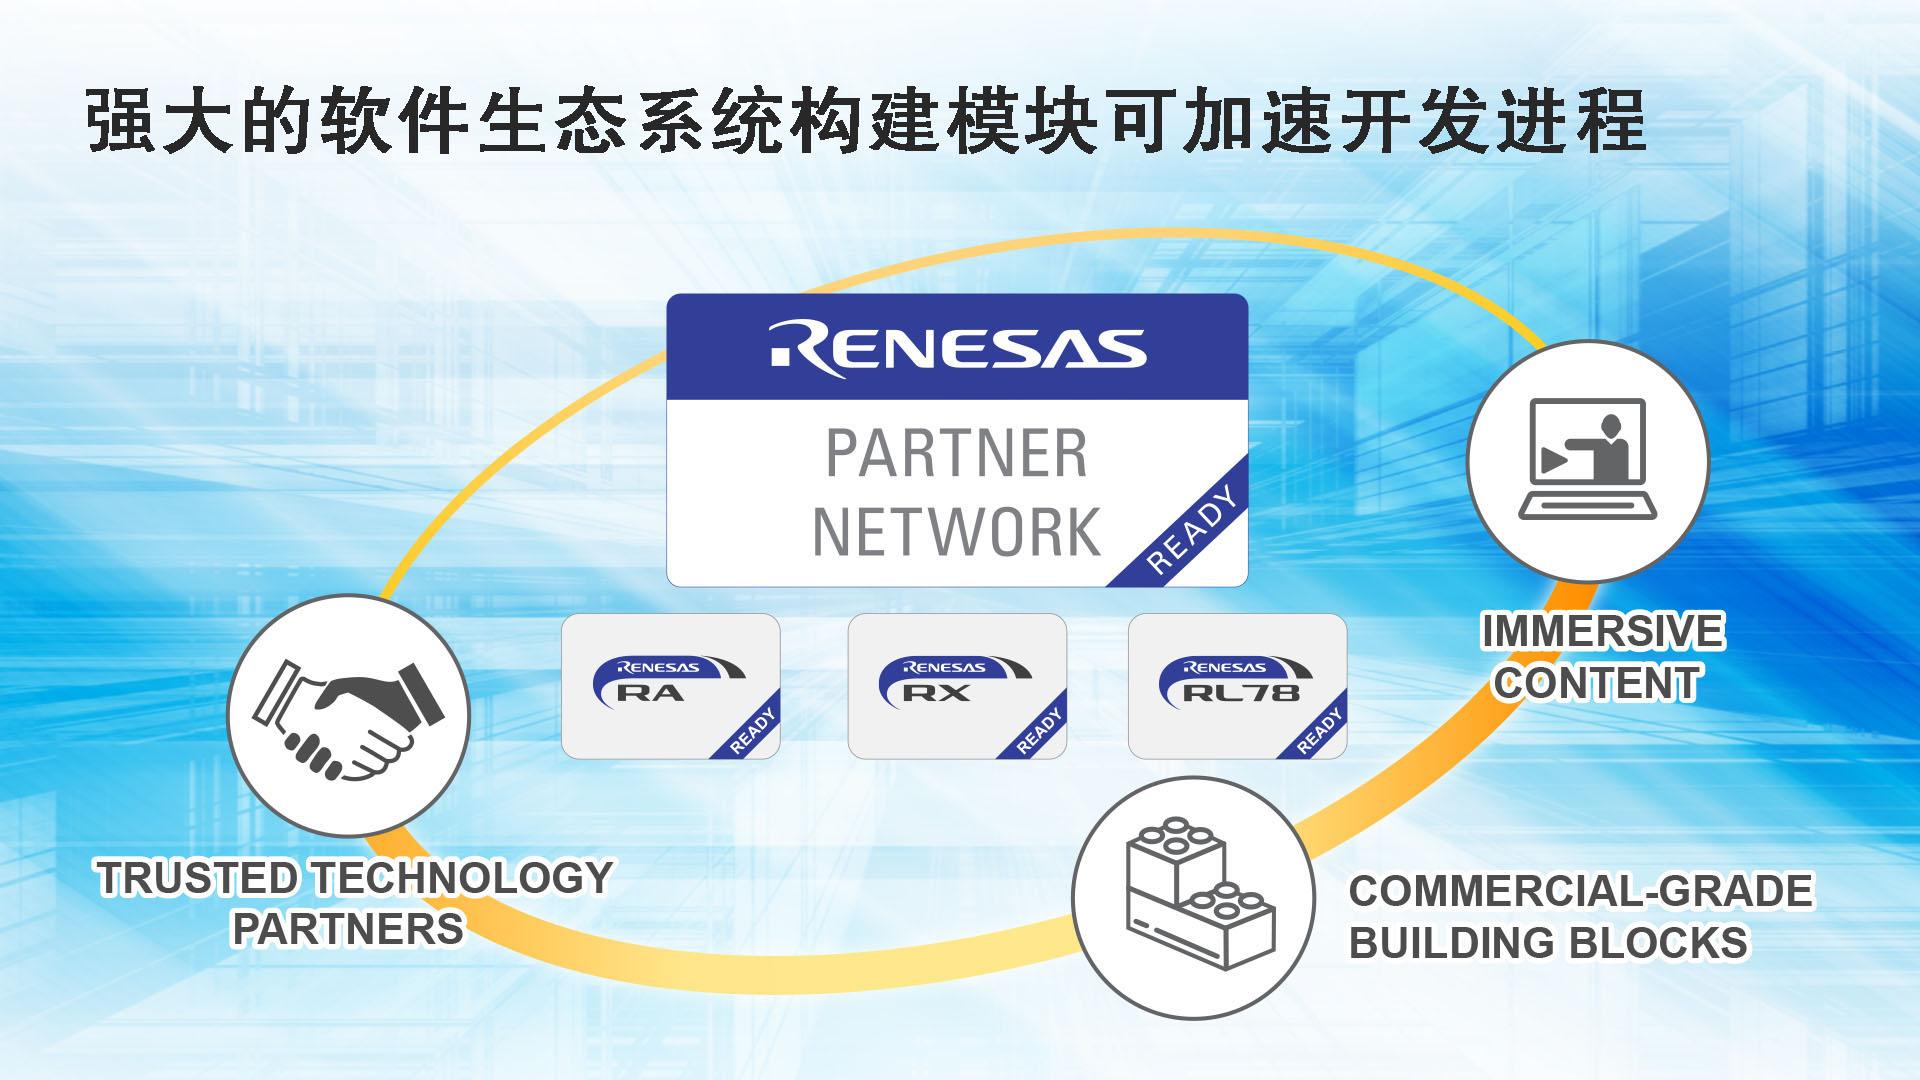 """瑞萨电子打造全新 """"Renesas Ready合作伙伴网络"""",搭建强大可靠的技术合作伙伴社区,为RA、RX和RL78 MCU产品线带来性能优化的商业级构建模块"""